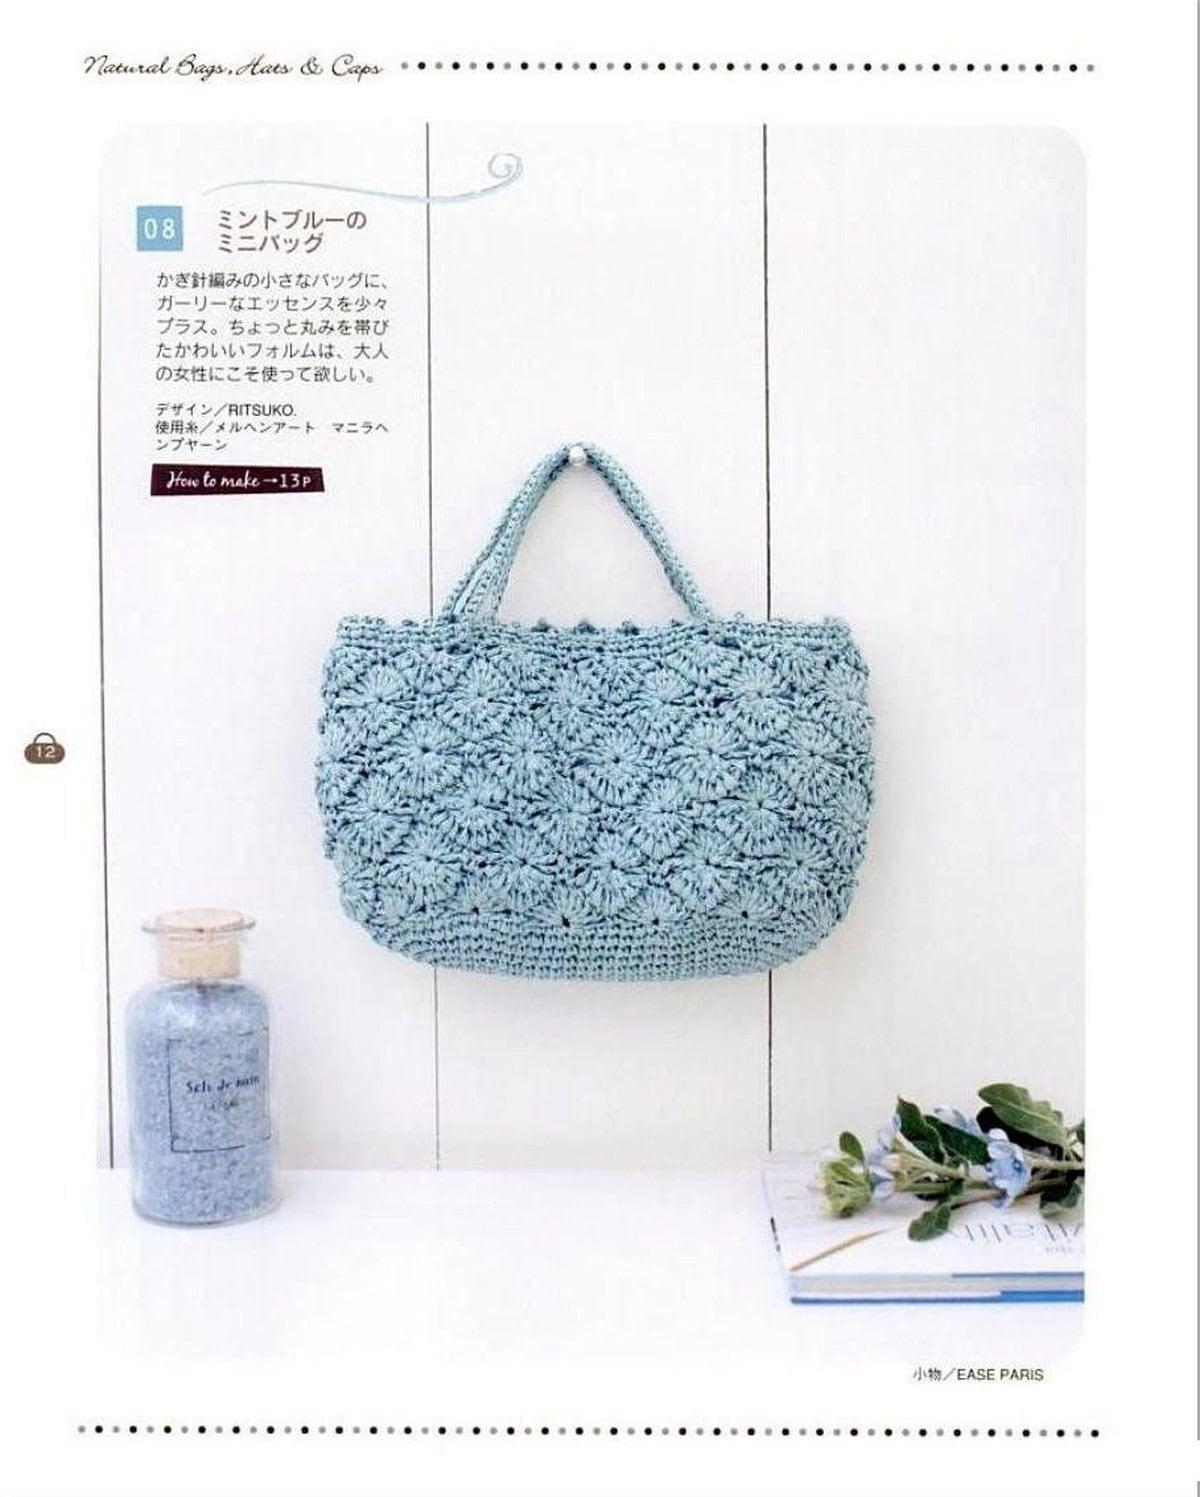 Natural bolsas, sombreros & Caps 6516 Crochet japones PDF libro del ...